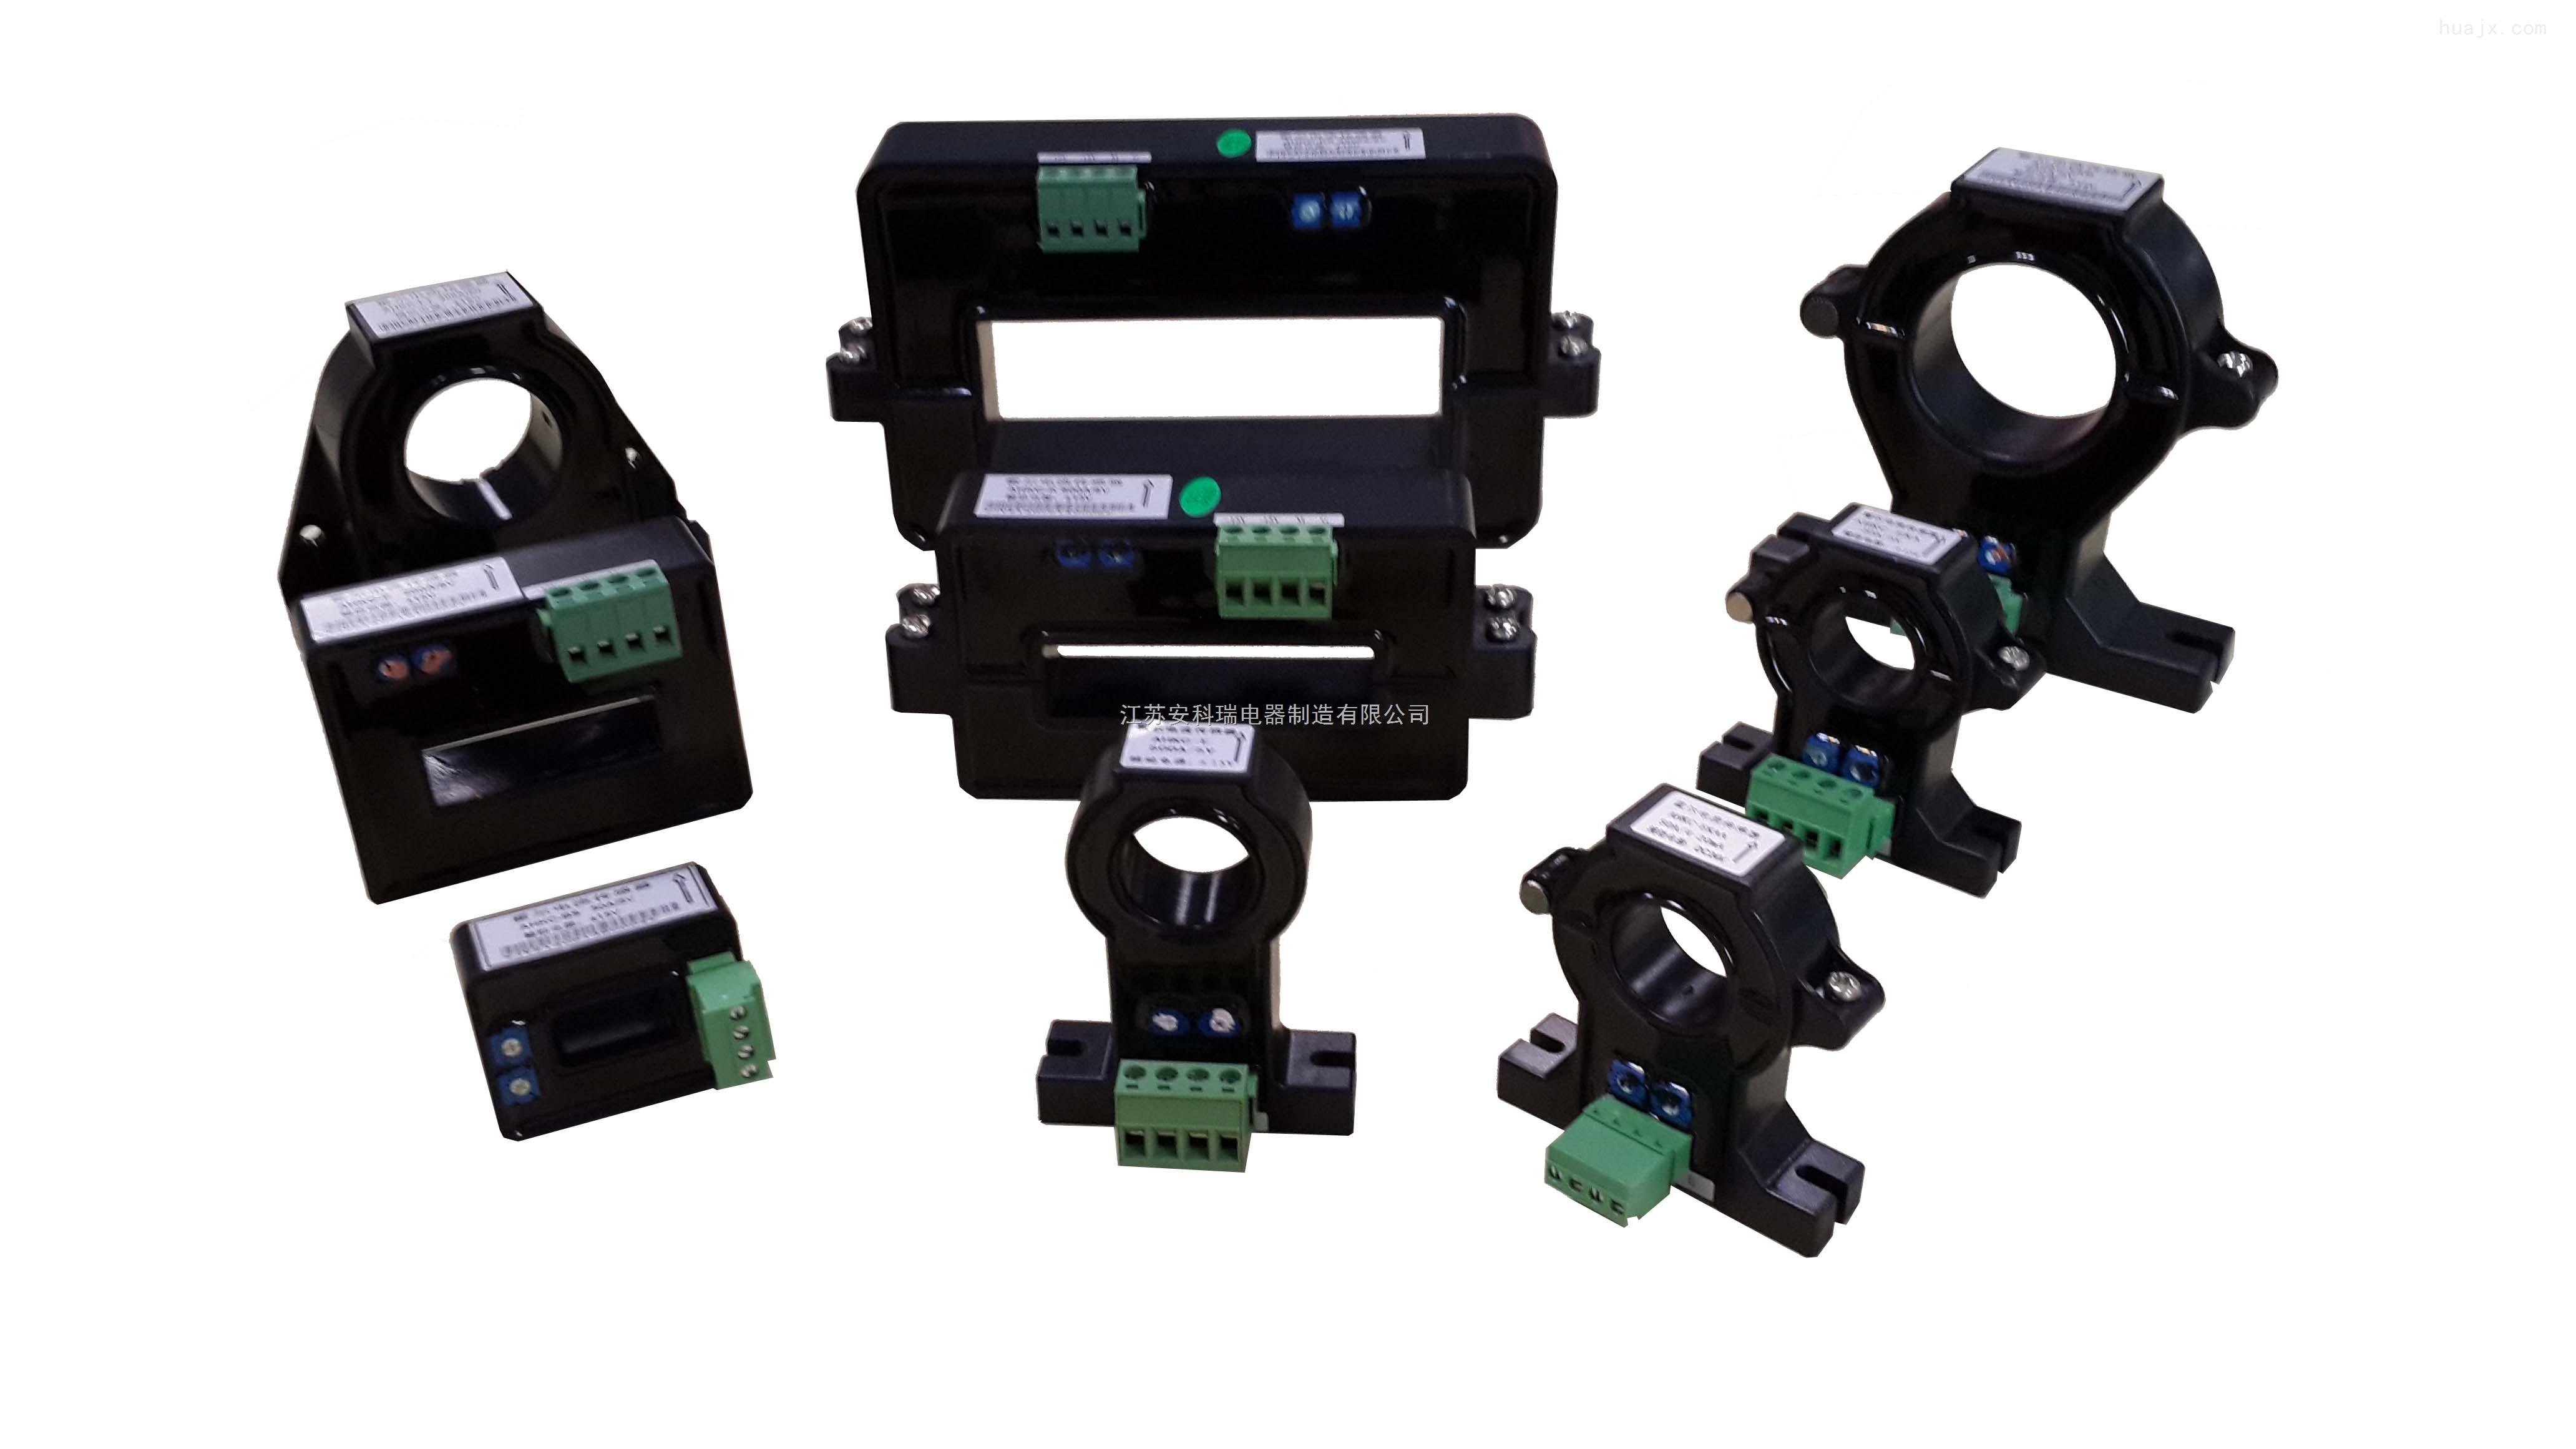 安科瑞霍尔电流传感器